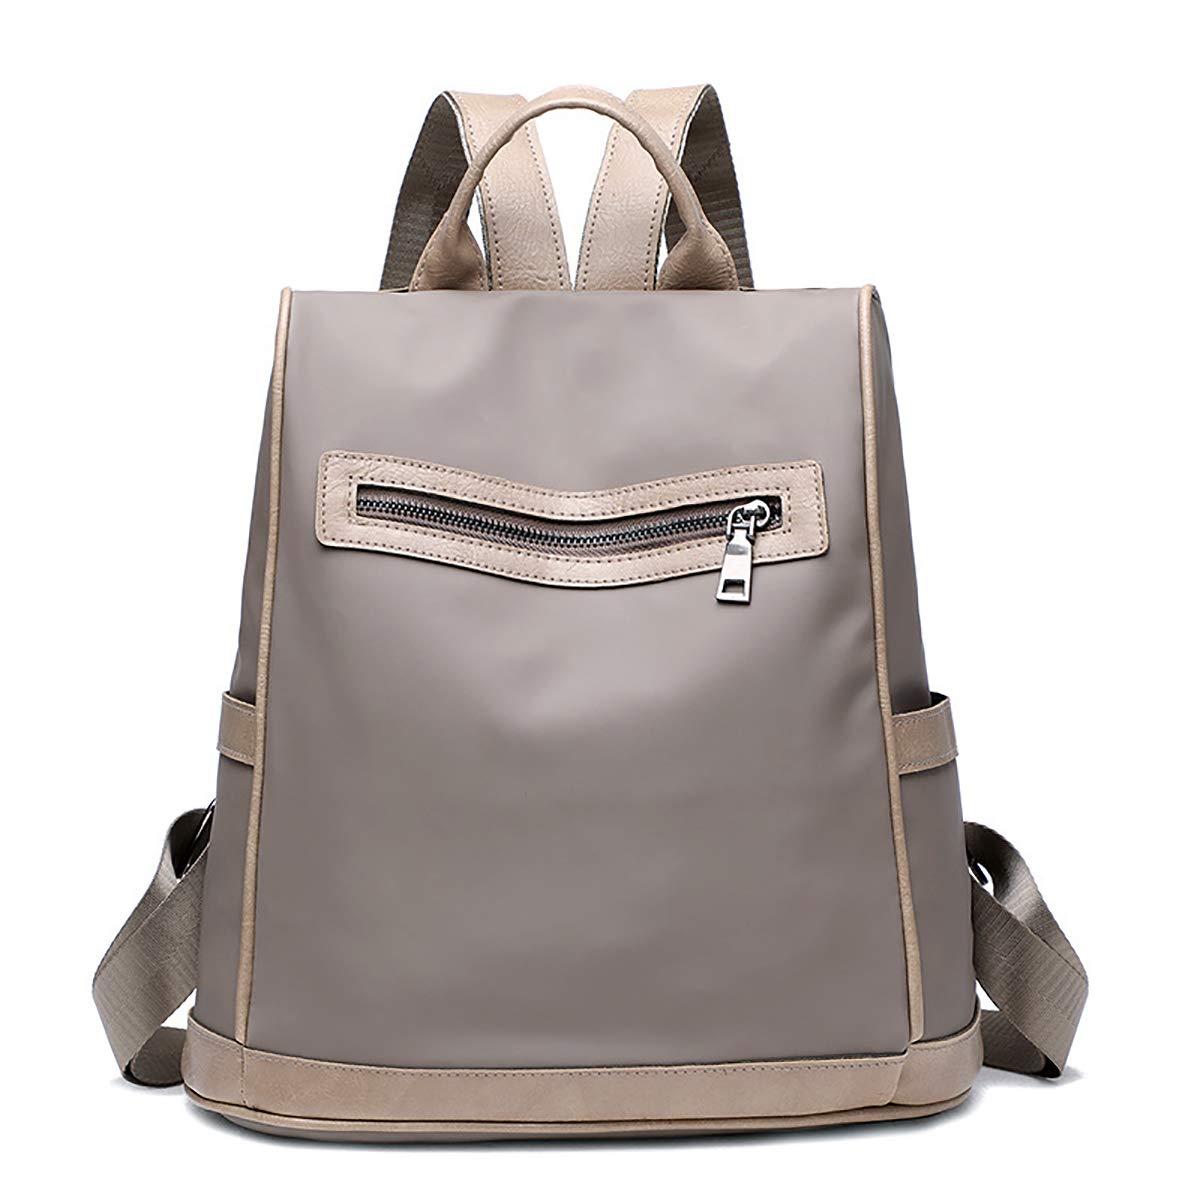 Tisdaini Damen Rucksackhandtaschen Nylon wasserdicht modische diebstahlsicher Reise Freizeit Schulrucksack B07K2TJNM4 Rucksackhandtaschen Tragen Sie Ihr Grünrauen